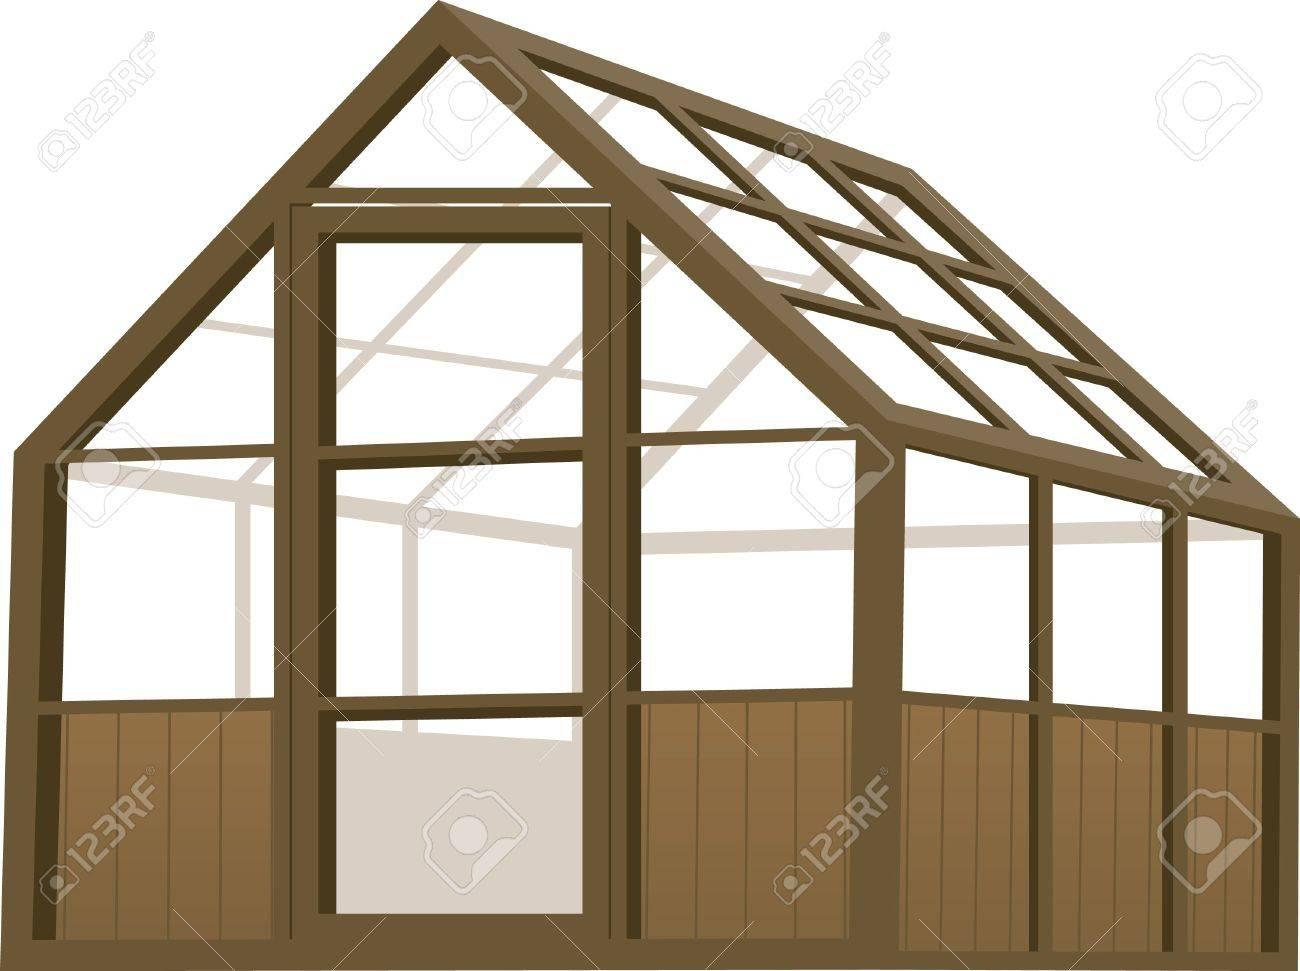 Full Size of Illustration Eines Holz Struktur Typ Gewchshauses Lizenzfrei Küche Massivholz Betten Holzhaus Garten Esstisch Fliesen Holzoptik Bad Vollholzküche Regal Wohnzimmer Gewächshaus Holz